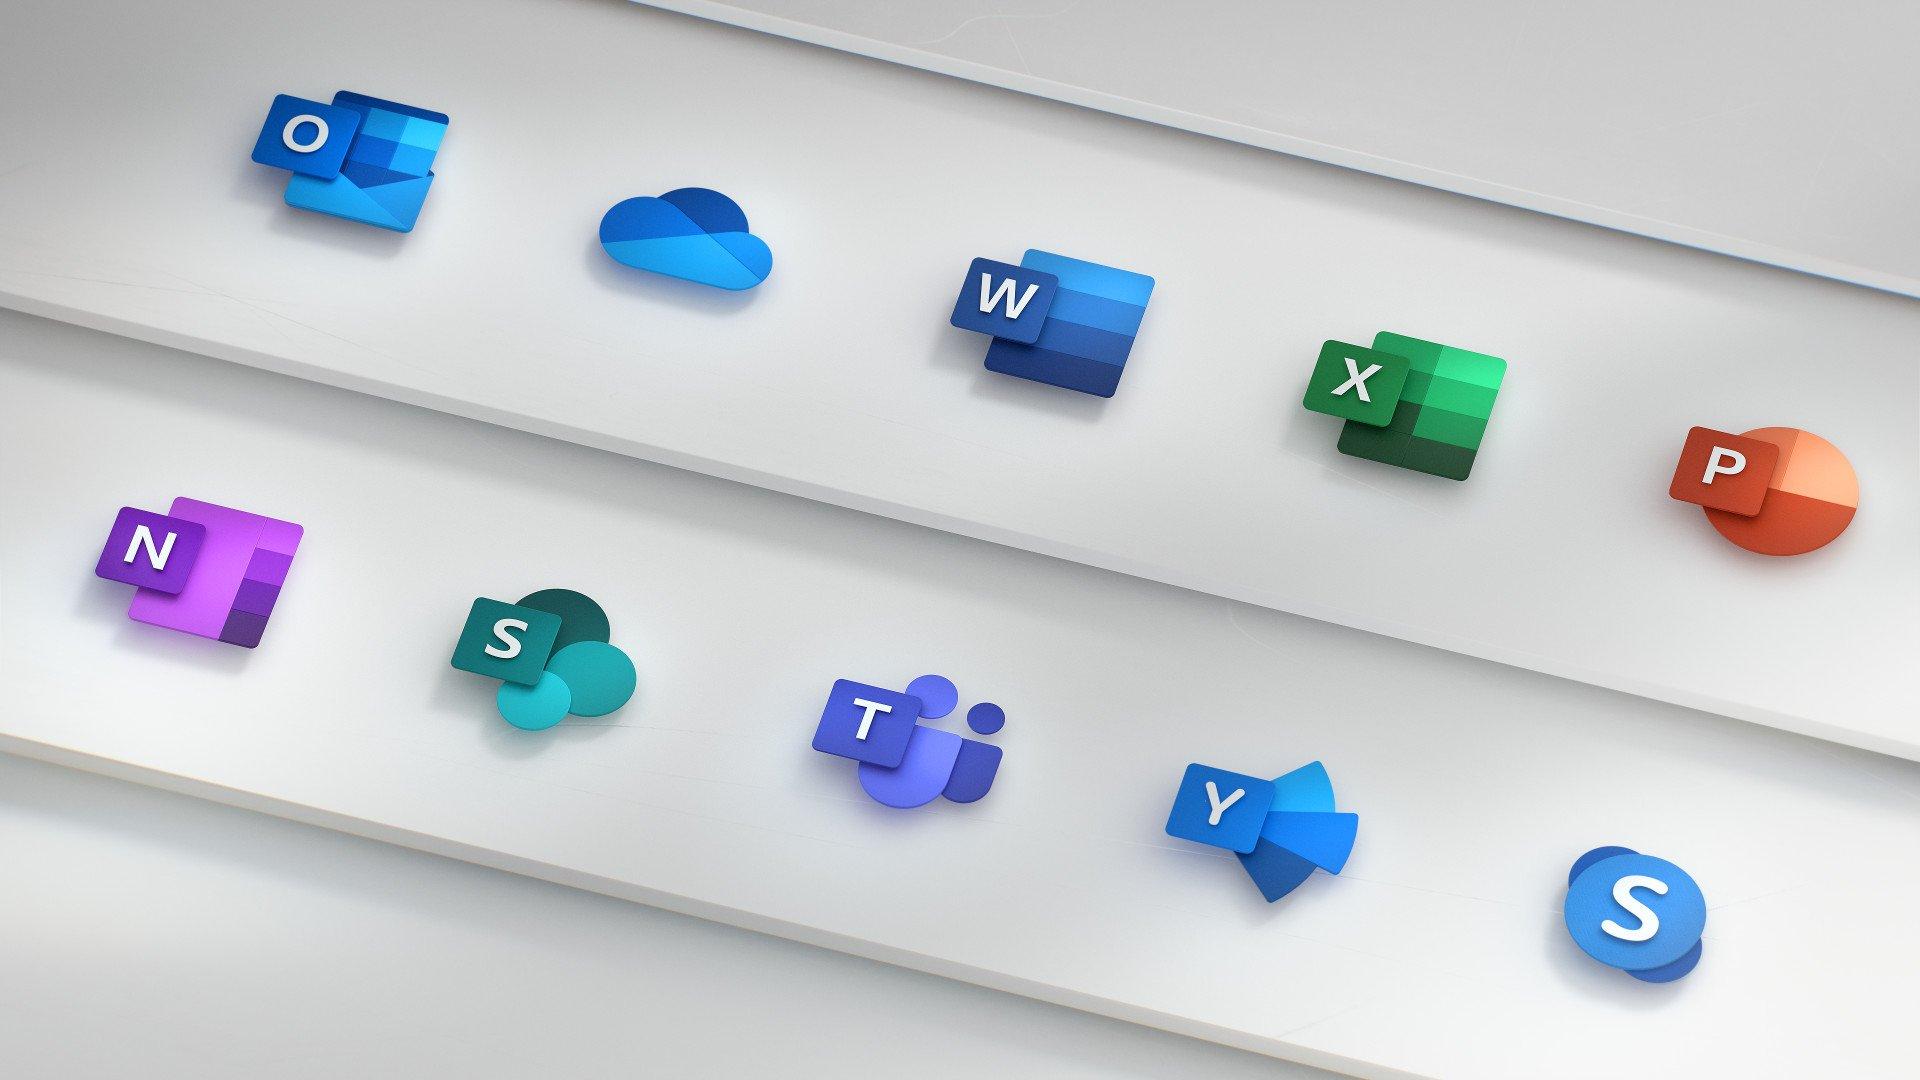 Microsoft mostra il design delle nuove icone per la suite Office